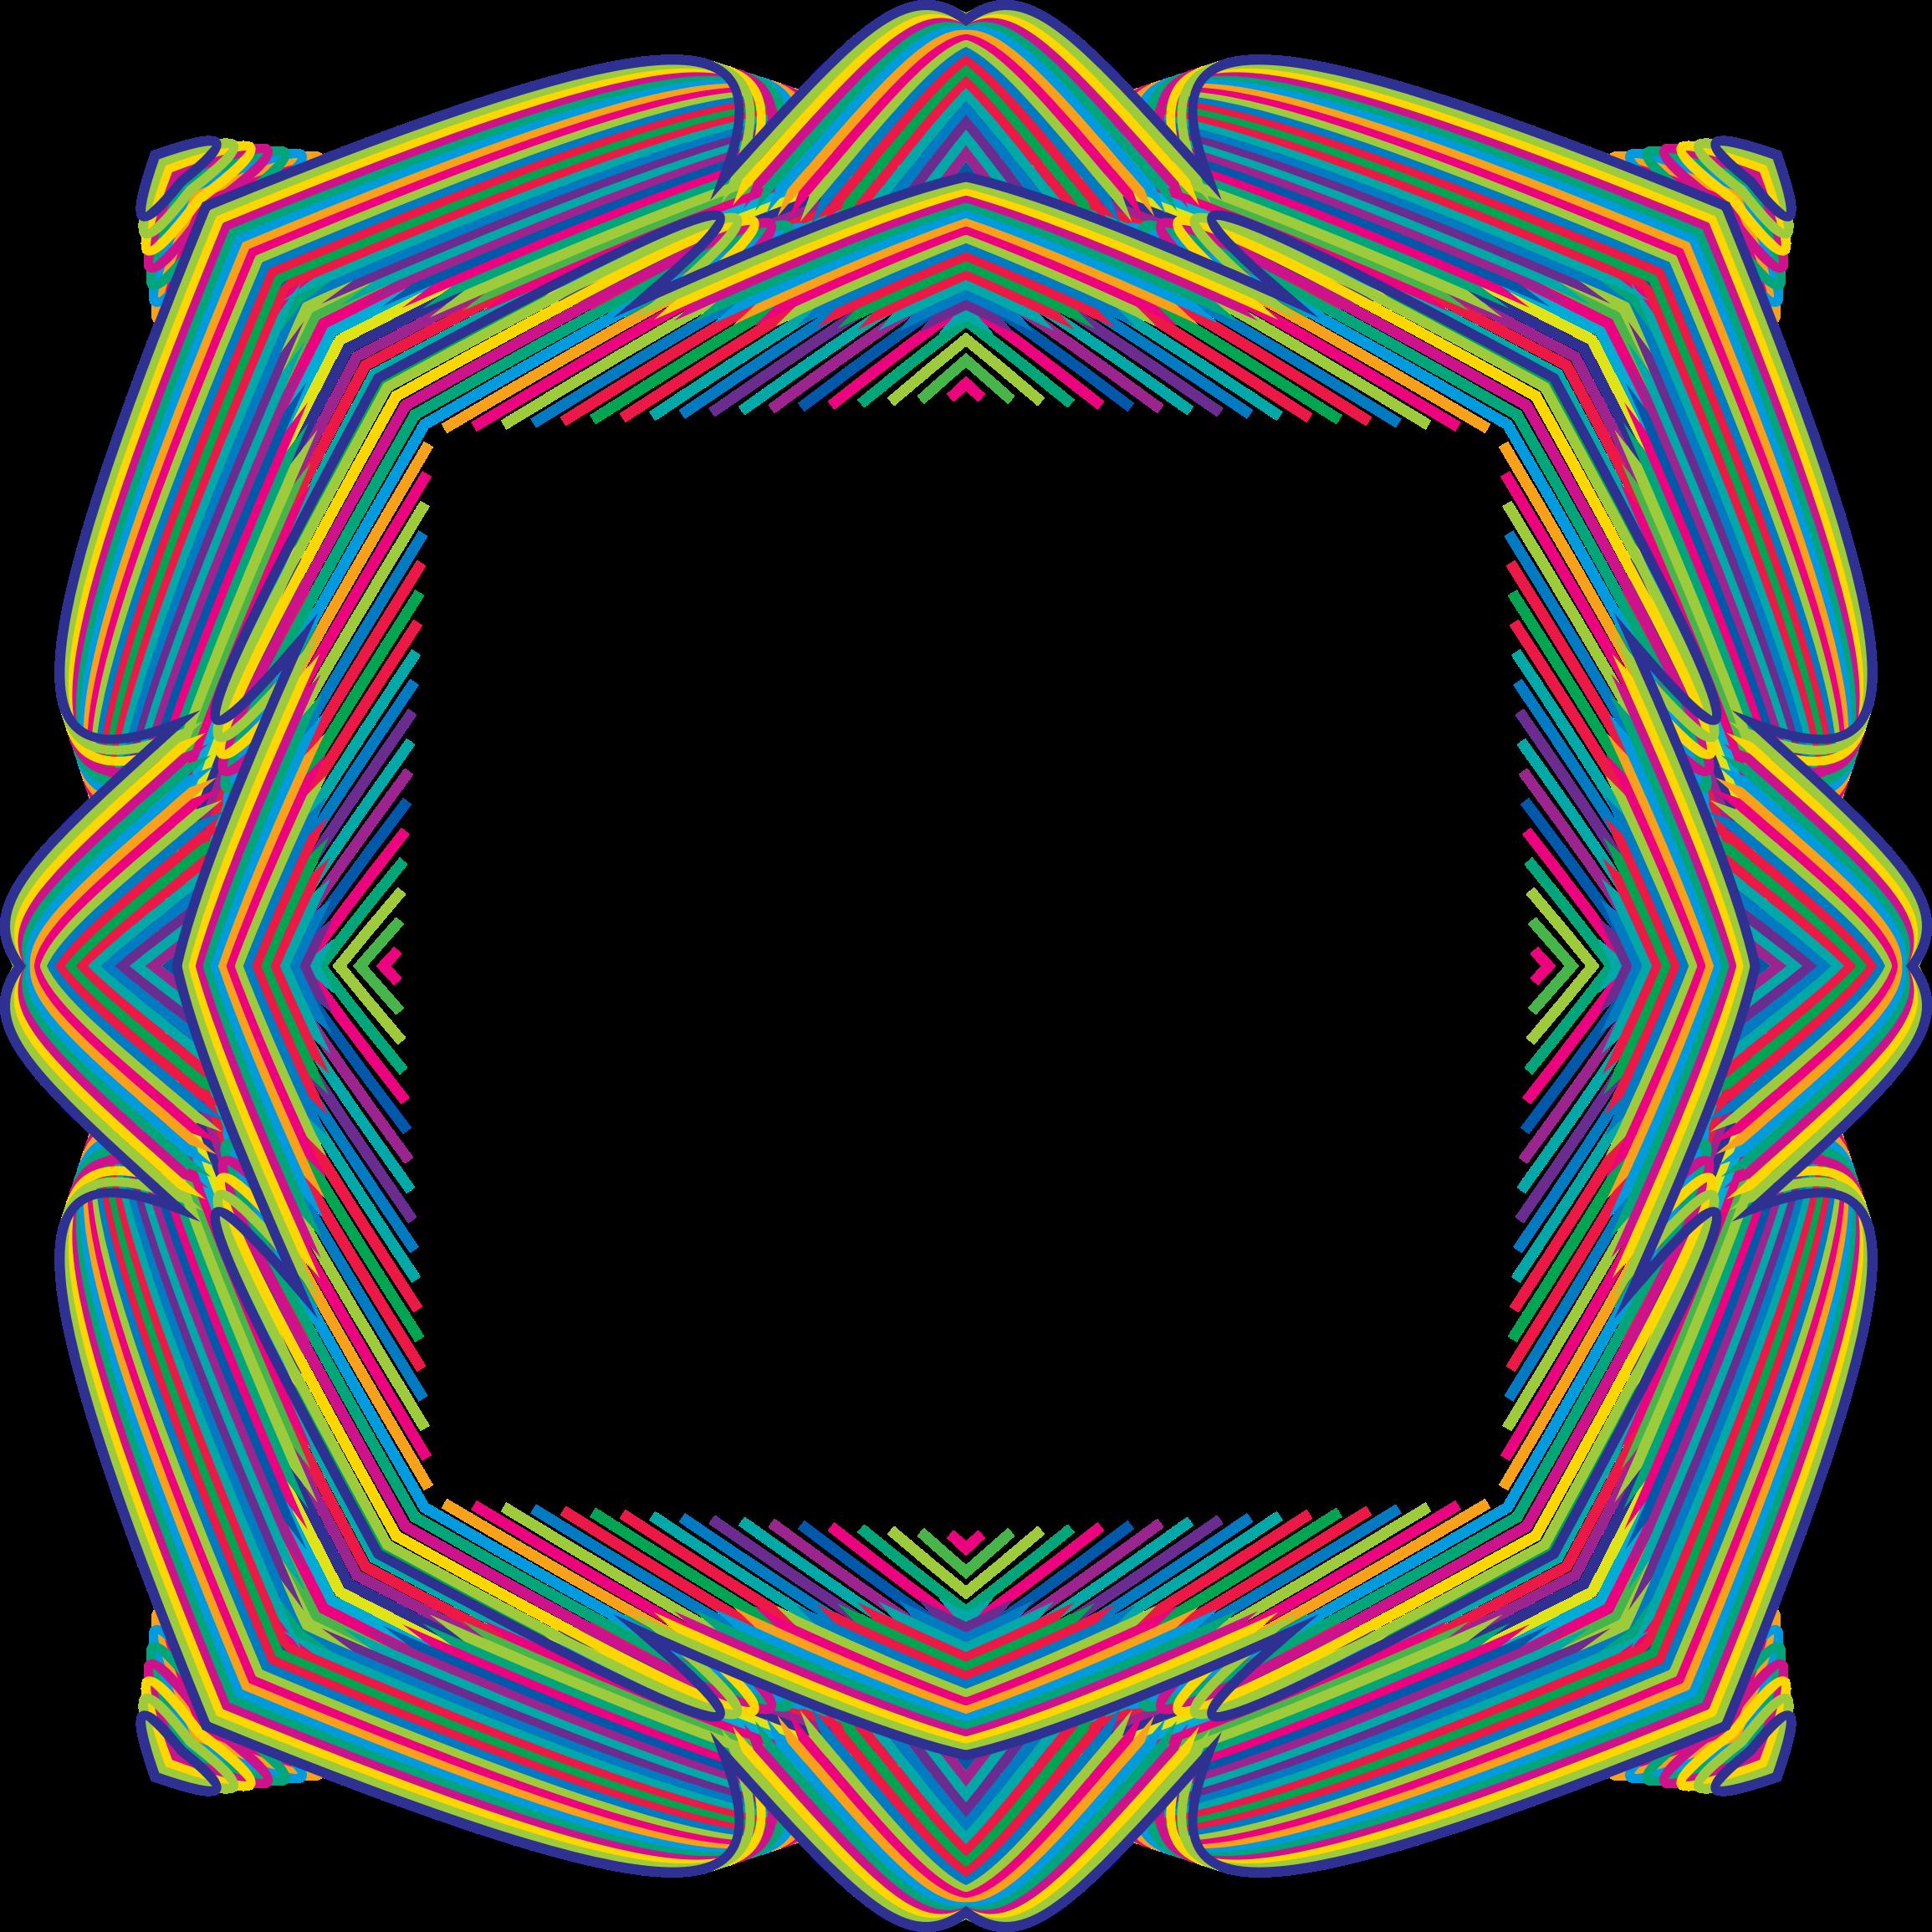 Prismatic big image png. Waves clipart frame